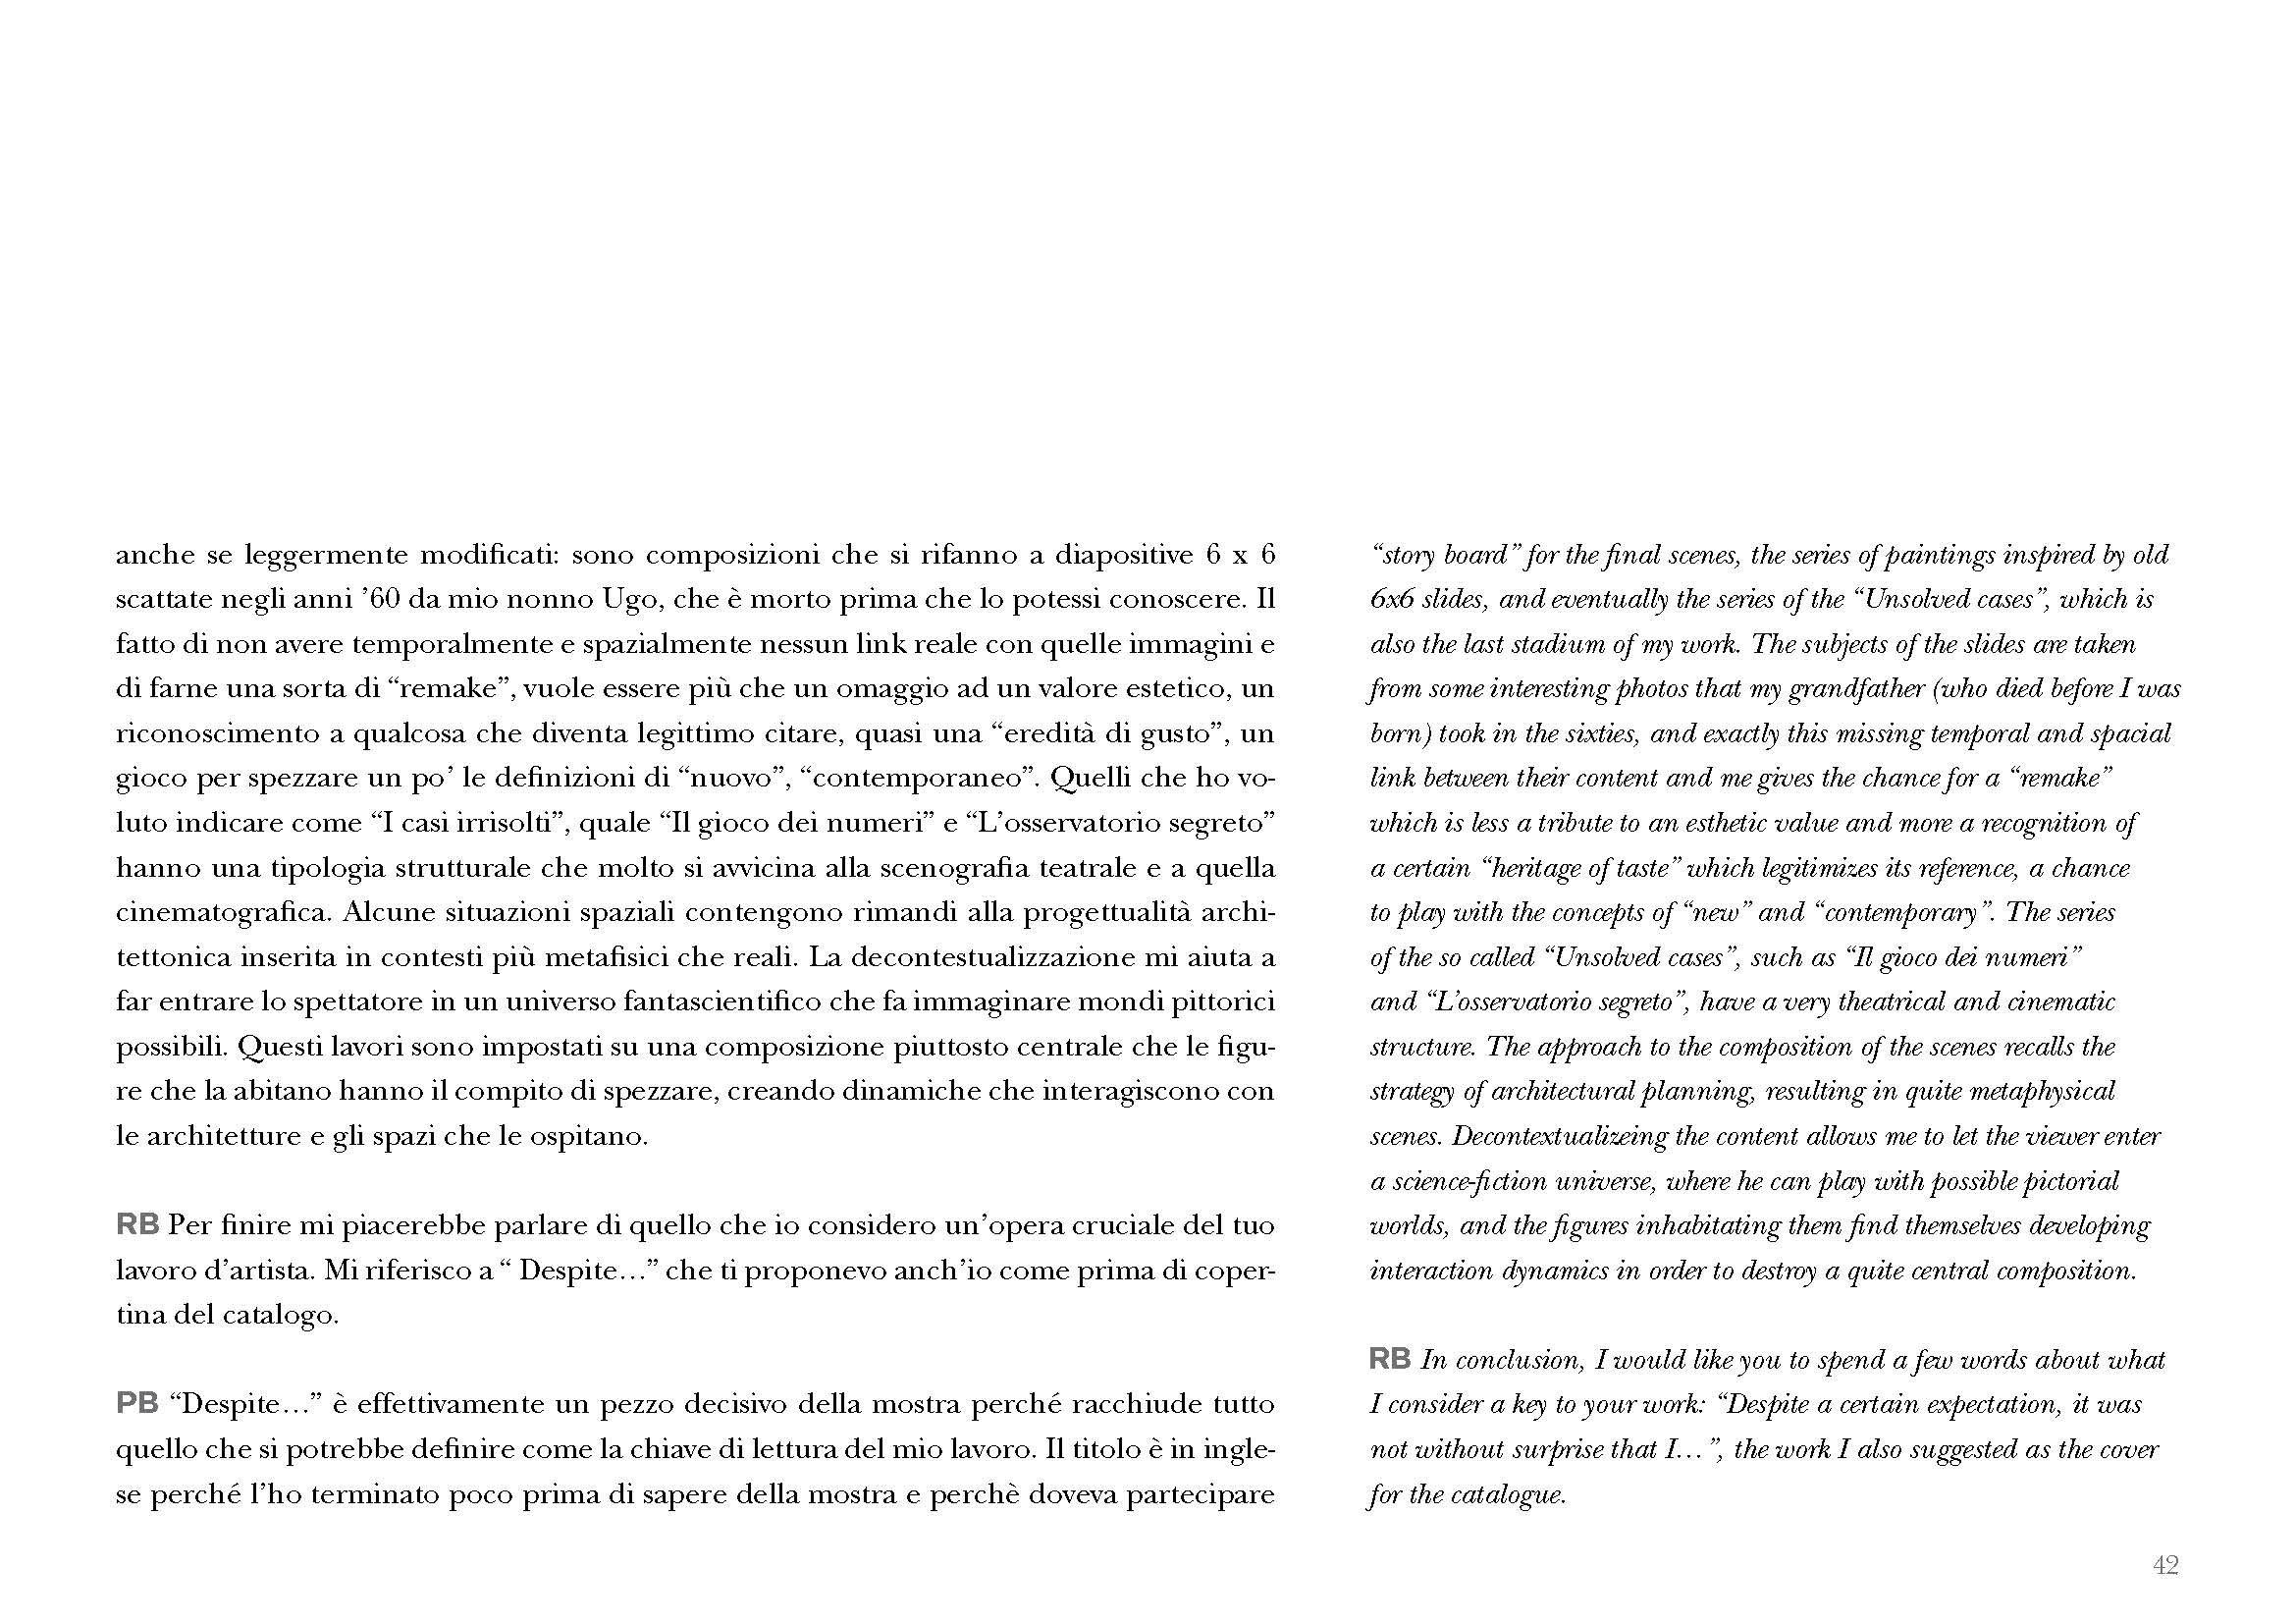 PB08-Assassinio_Page_42.jpg